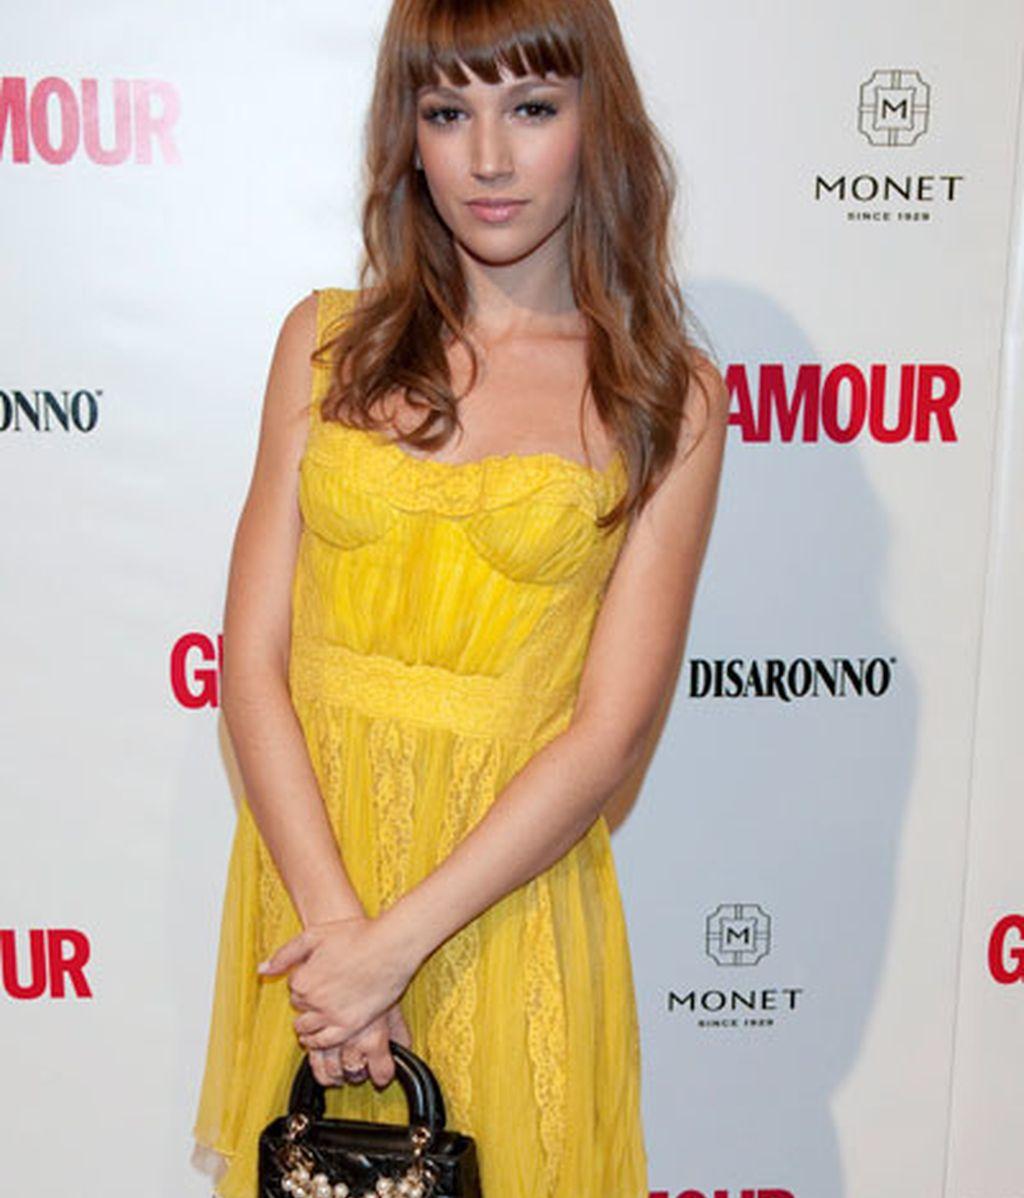 De Ana Rosa Quintana a Irina Shayk: una fiesta llena de 'glamour'